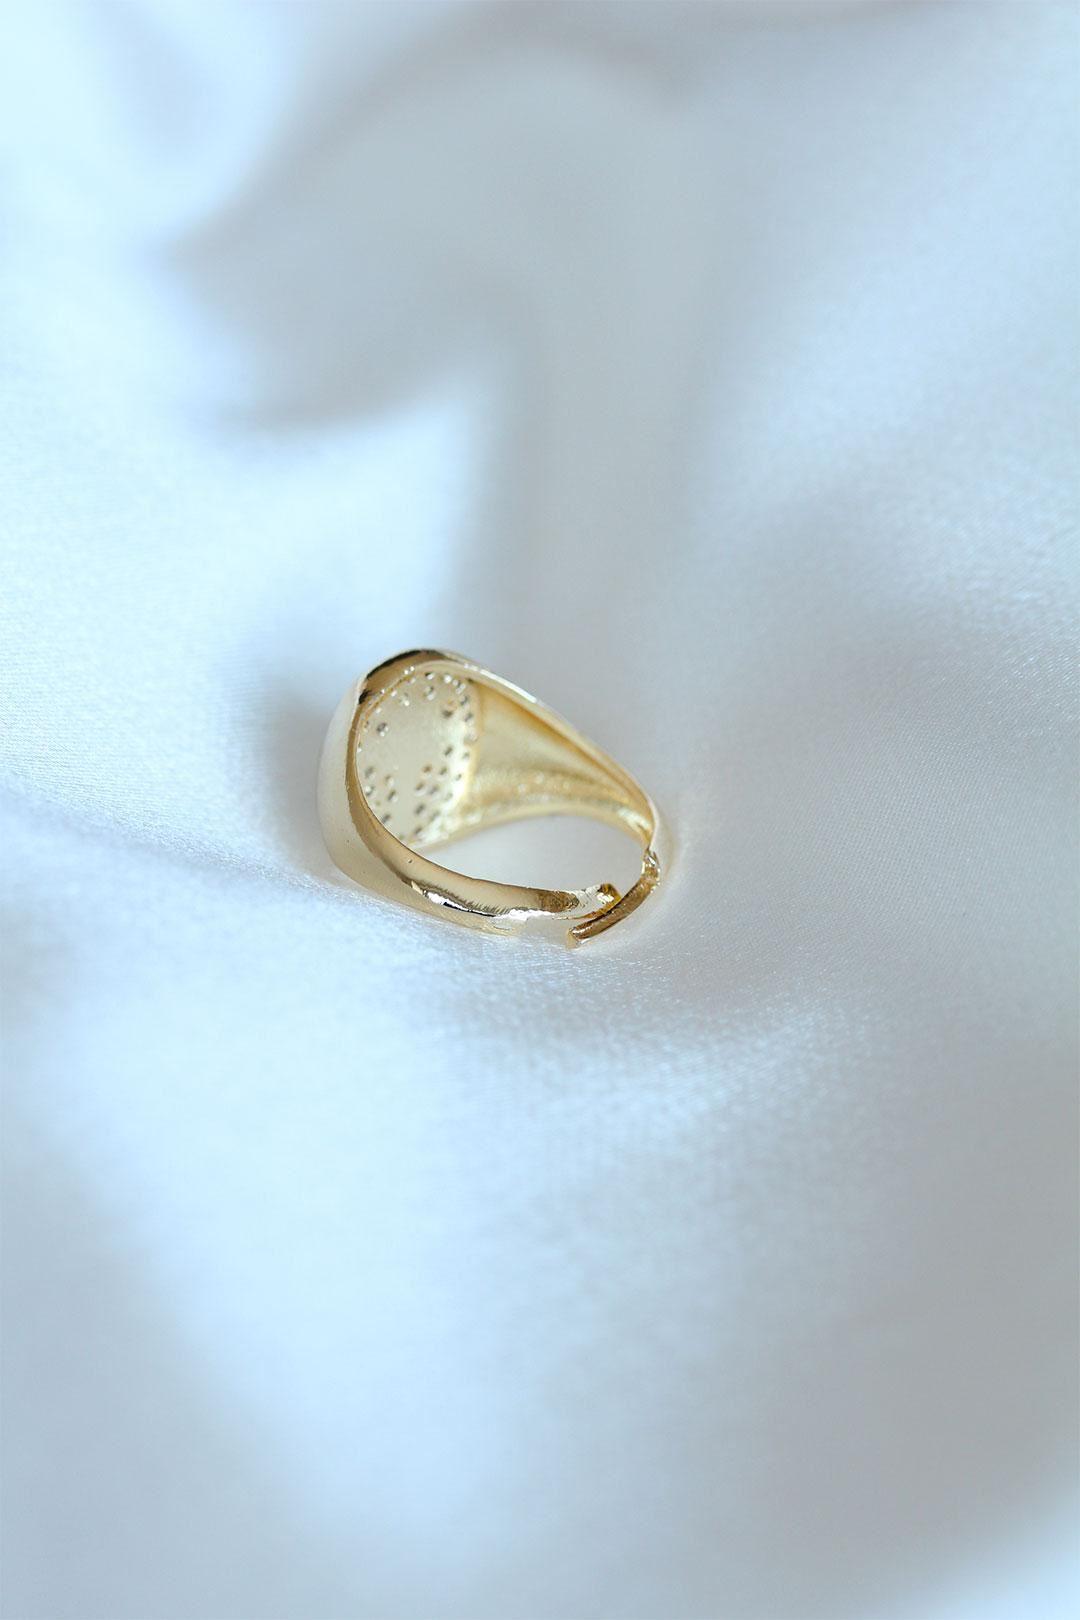 Kutup Yıldızı Gold Renk Zirkon Taşlı Yüzük